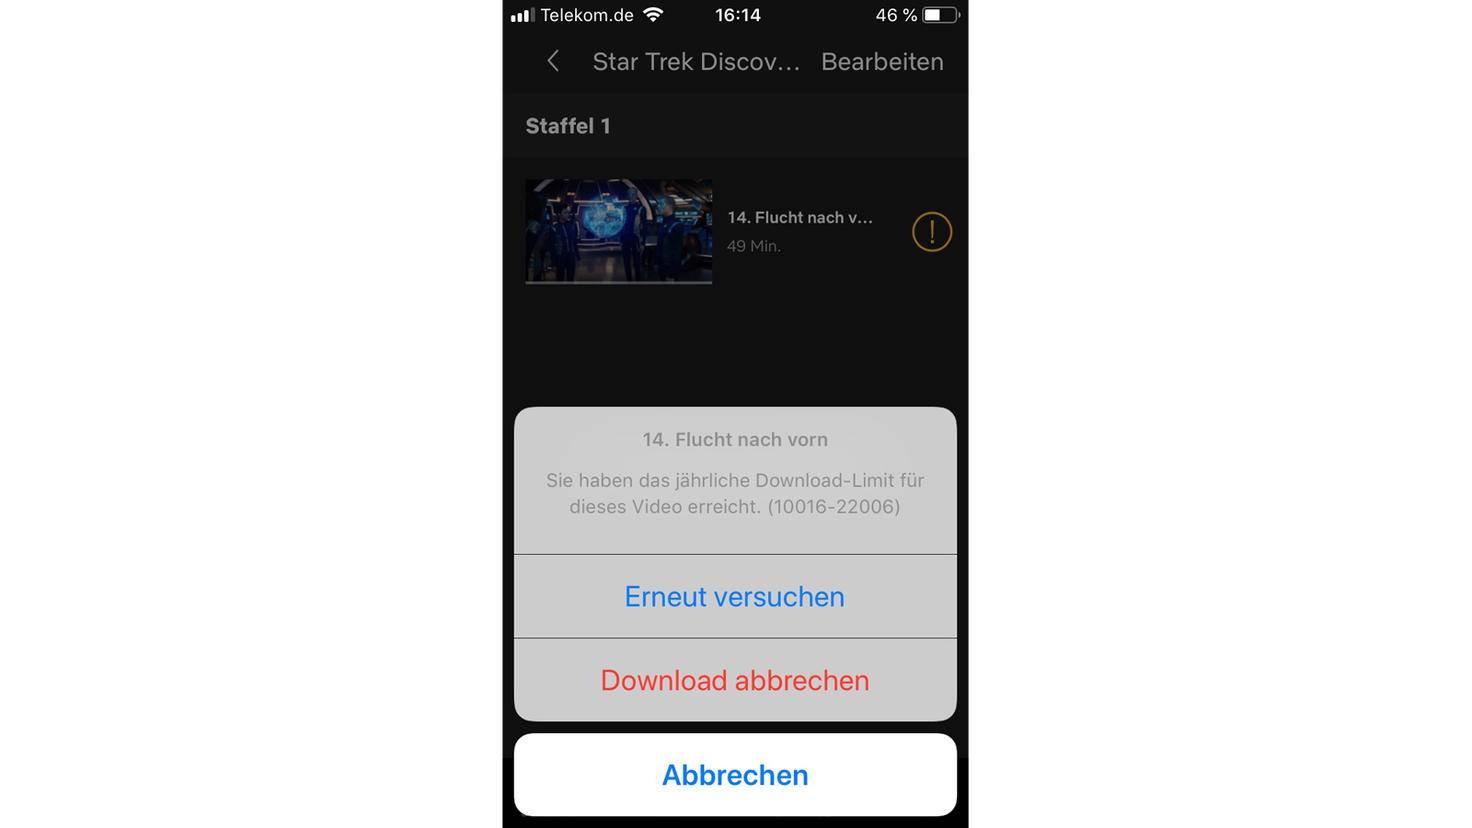 So sieht die Fehlermeldung auf iOS-Geräten aus.